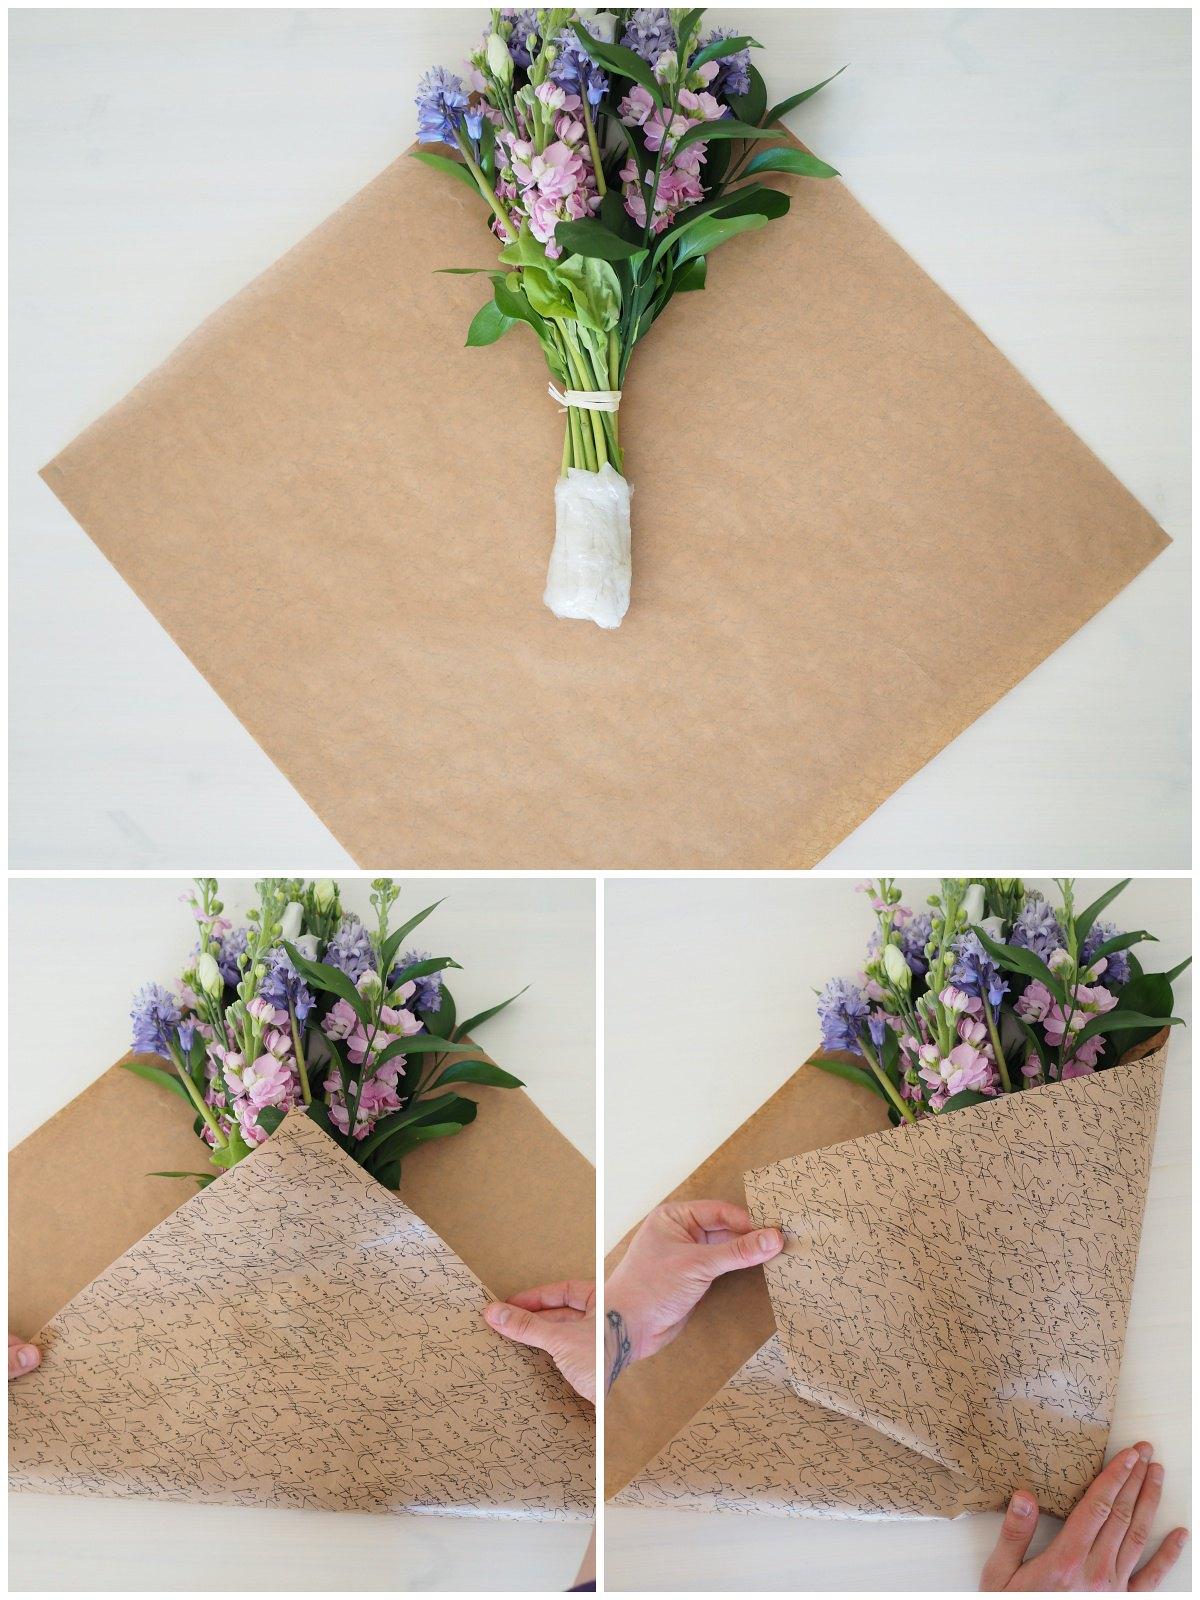 kukkakimpun-paketointi1